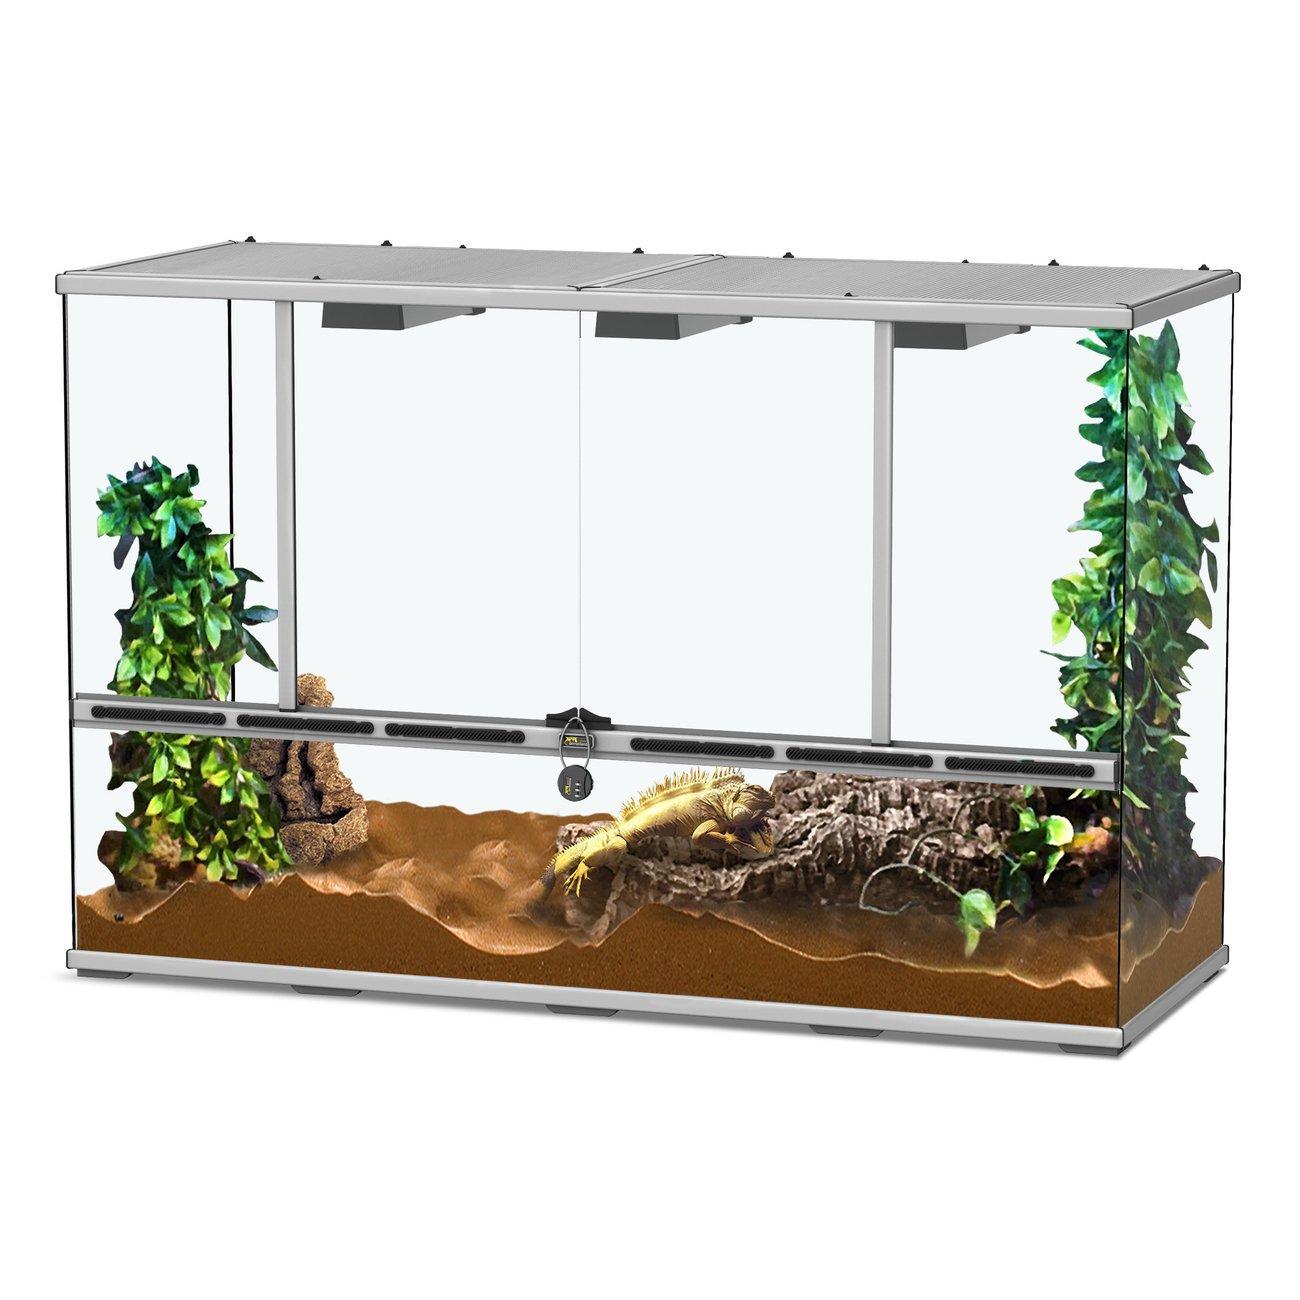 Aquatlantis Terratlantis Glasterrarium, 118x45x75cm